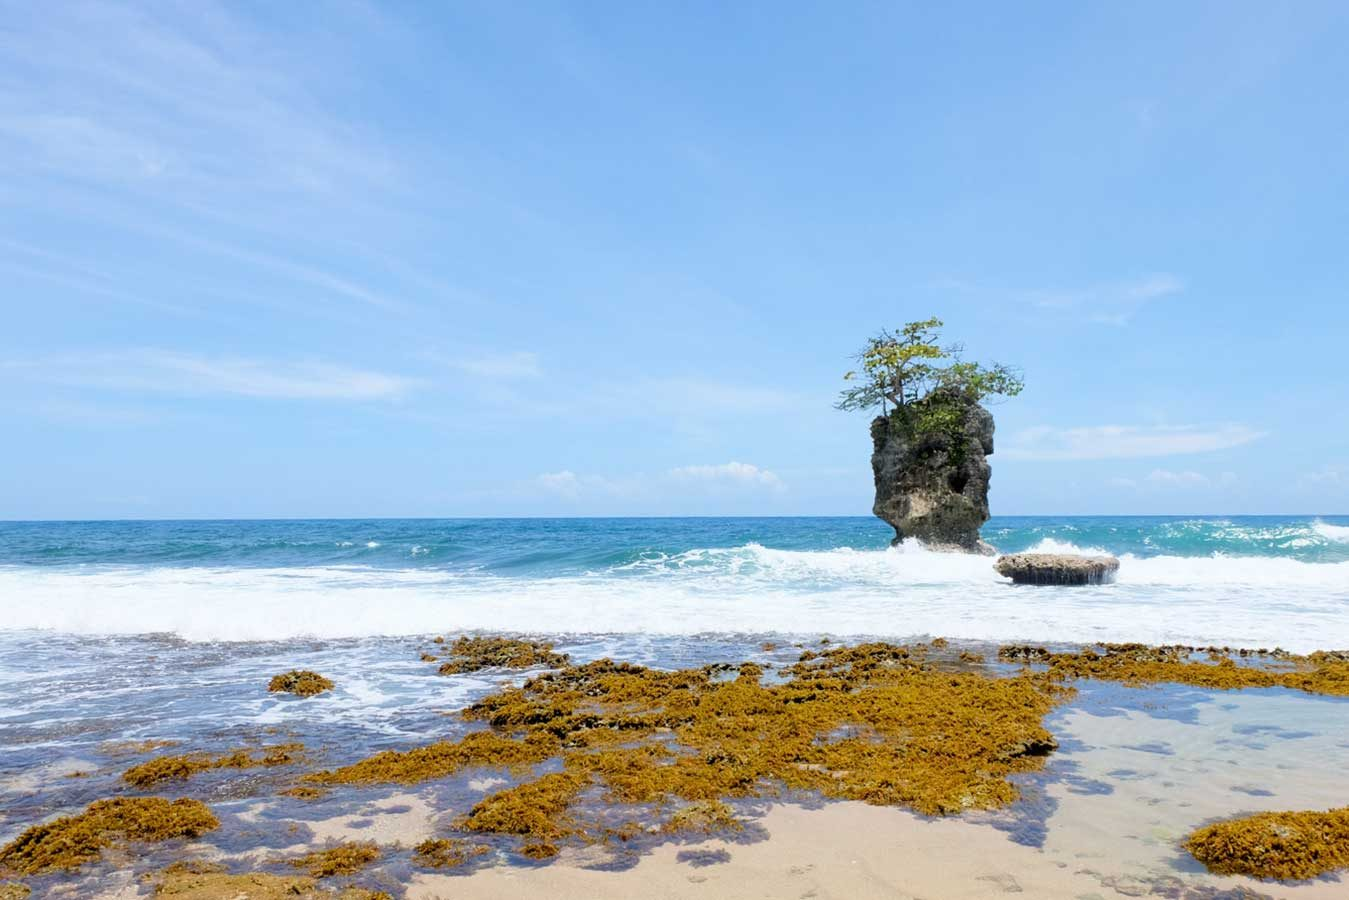 Punta-Uva--Playa-Chiquita-Mazanillo